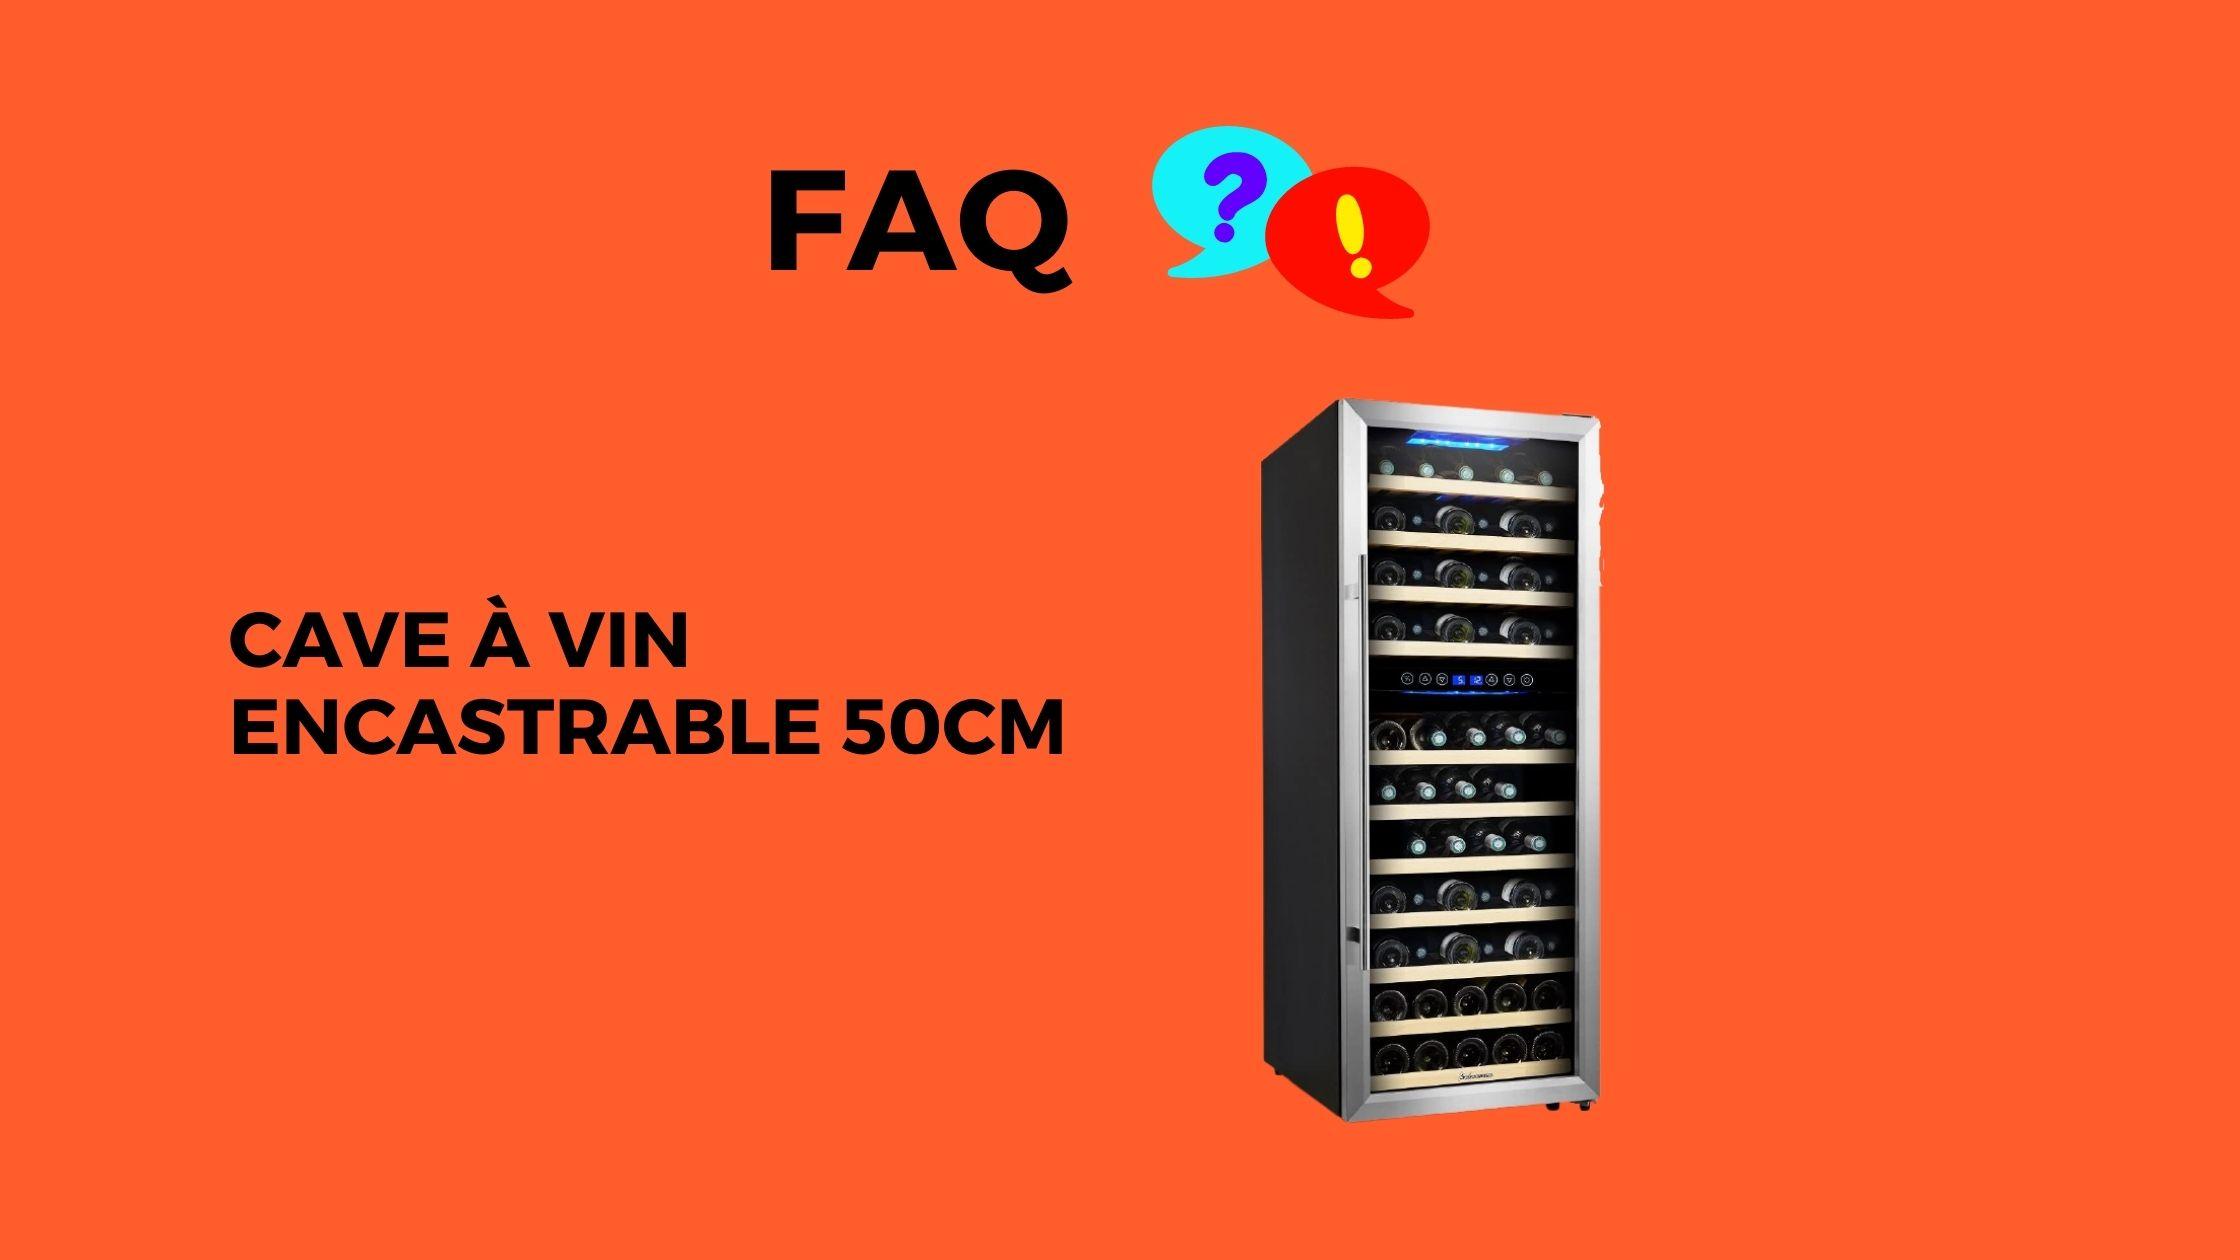 faq cave a vin encastrable 50cm